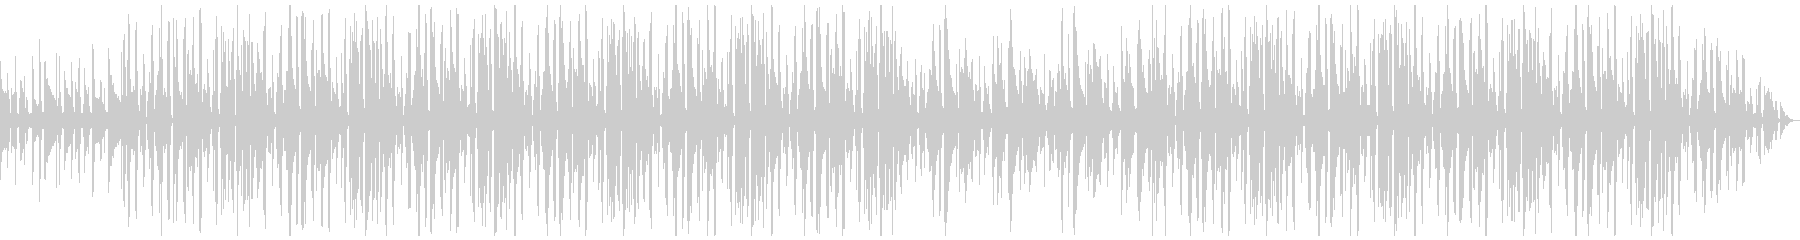 アコギが印象的なローファイヒップホップの未再生の波形